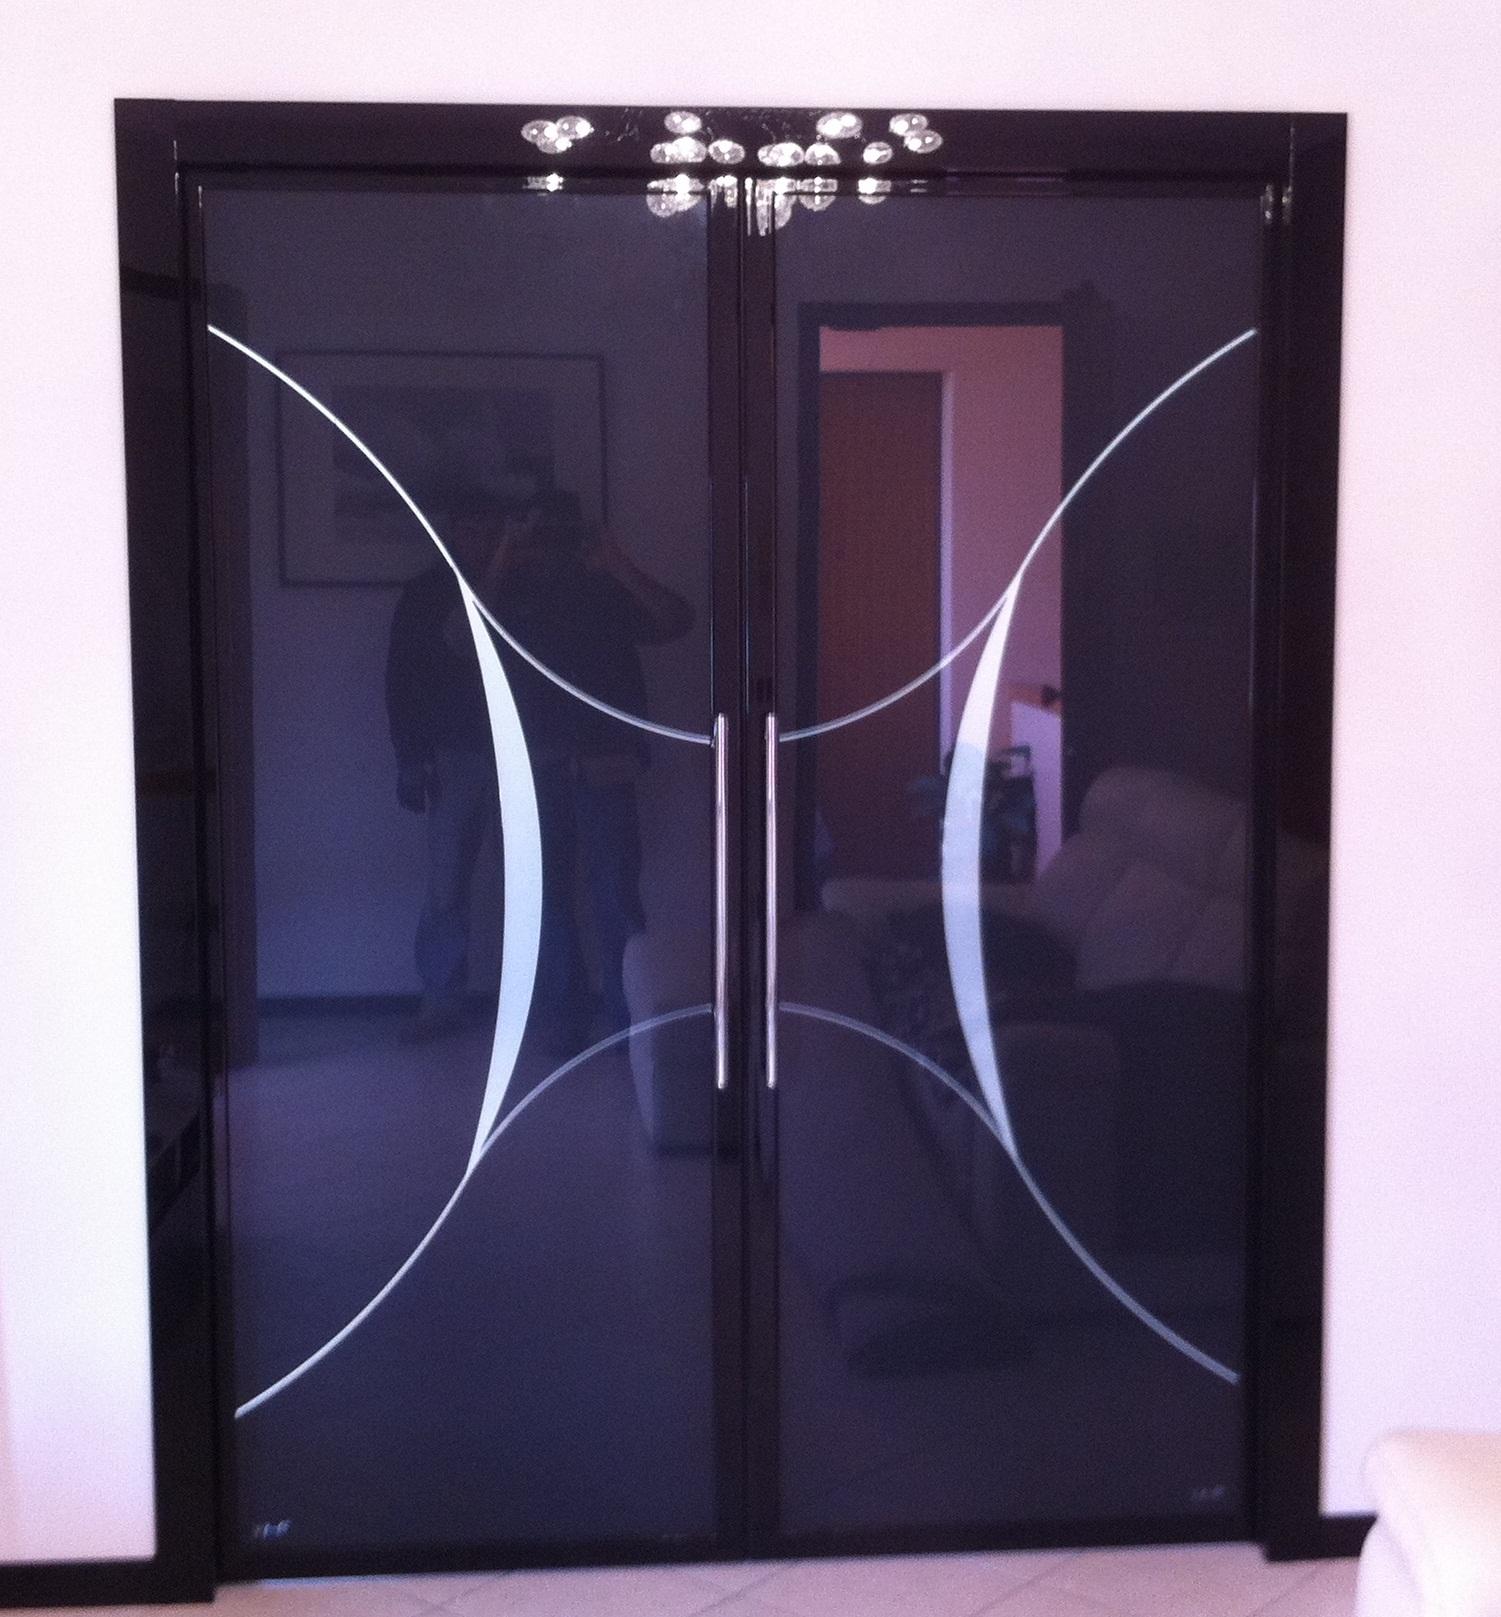 Porte scorrevoli in vetro garofoli affordable porte for Porte scorrevoli in vetro garofoli